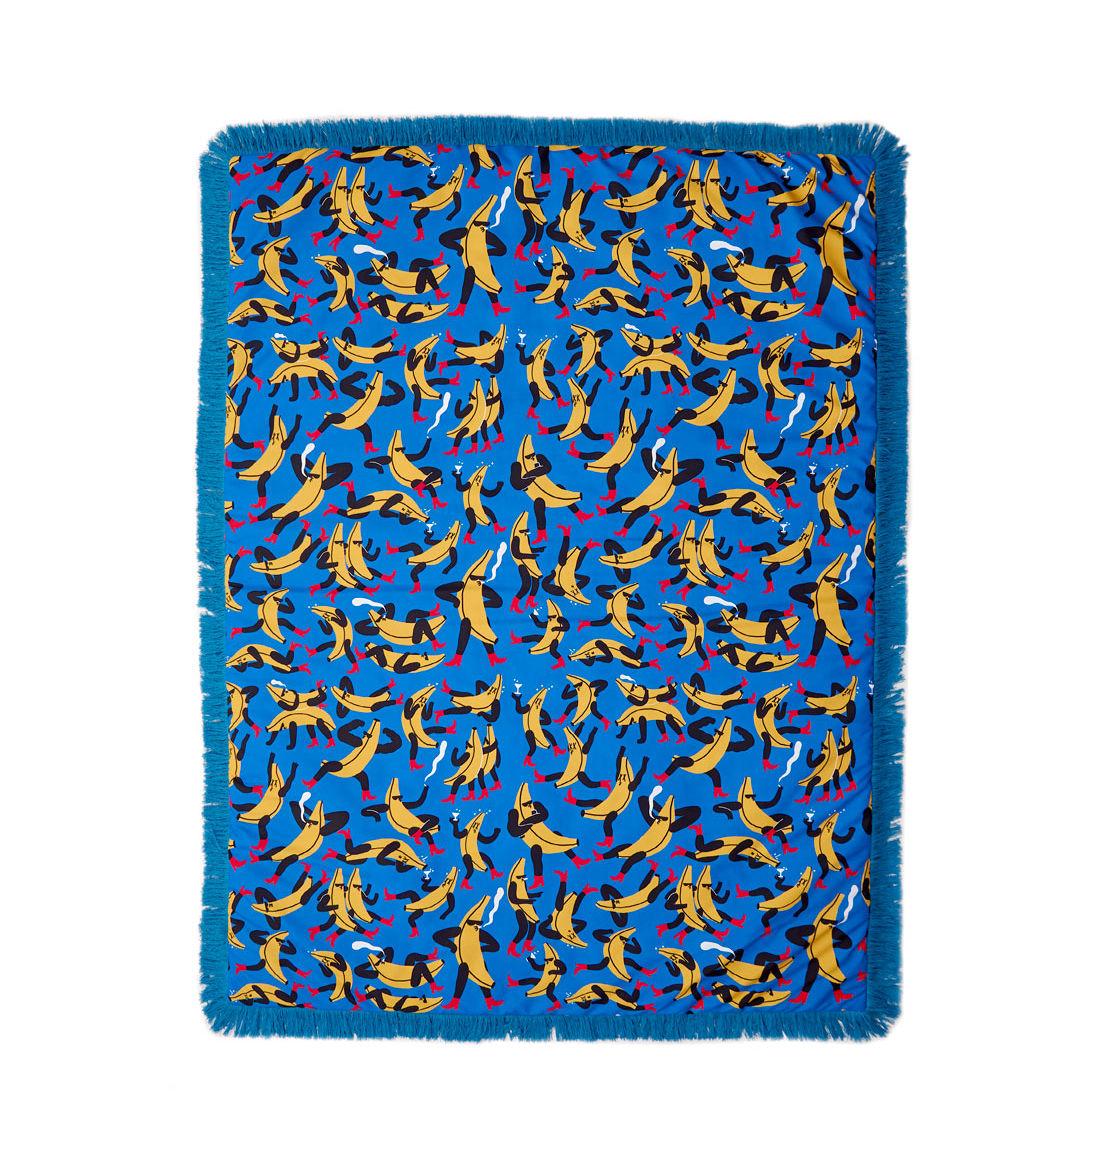 Déco - Textile - Plaid rembourré Tapame Mucho Large - Banana Guys / 180 x 140 cm - Sancal - Banana Guys / Bleu - Fausse fourrure, Fibre synthétique, Polyester